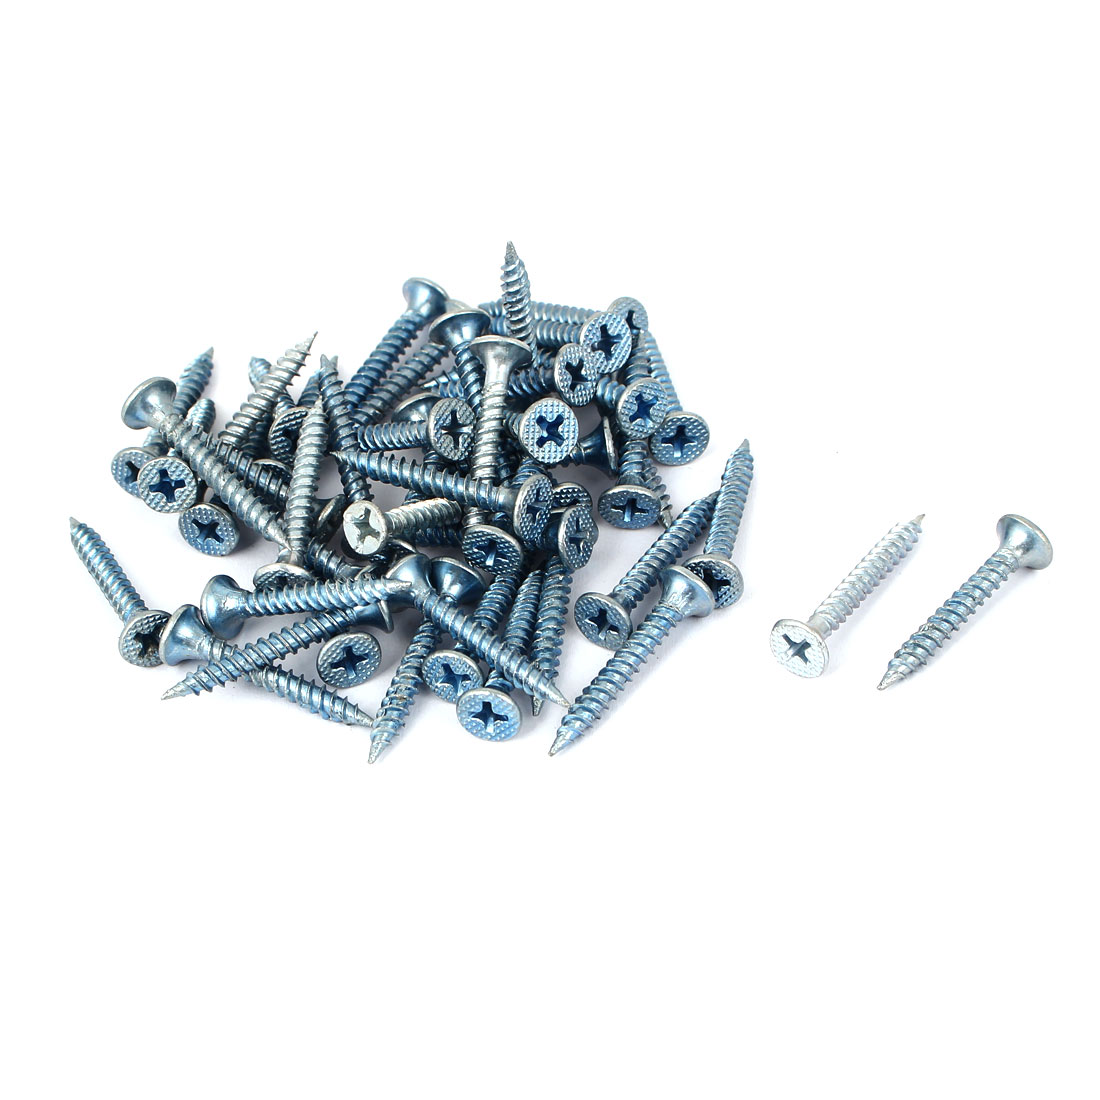 M3.5x30mm Zinc Plated Phillips Flat Head Self Tapping Screws Fastener 50pcs